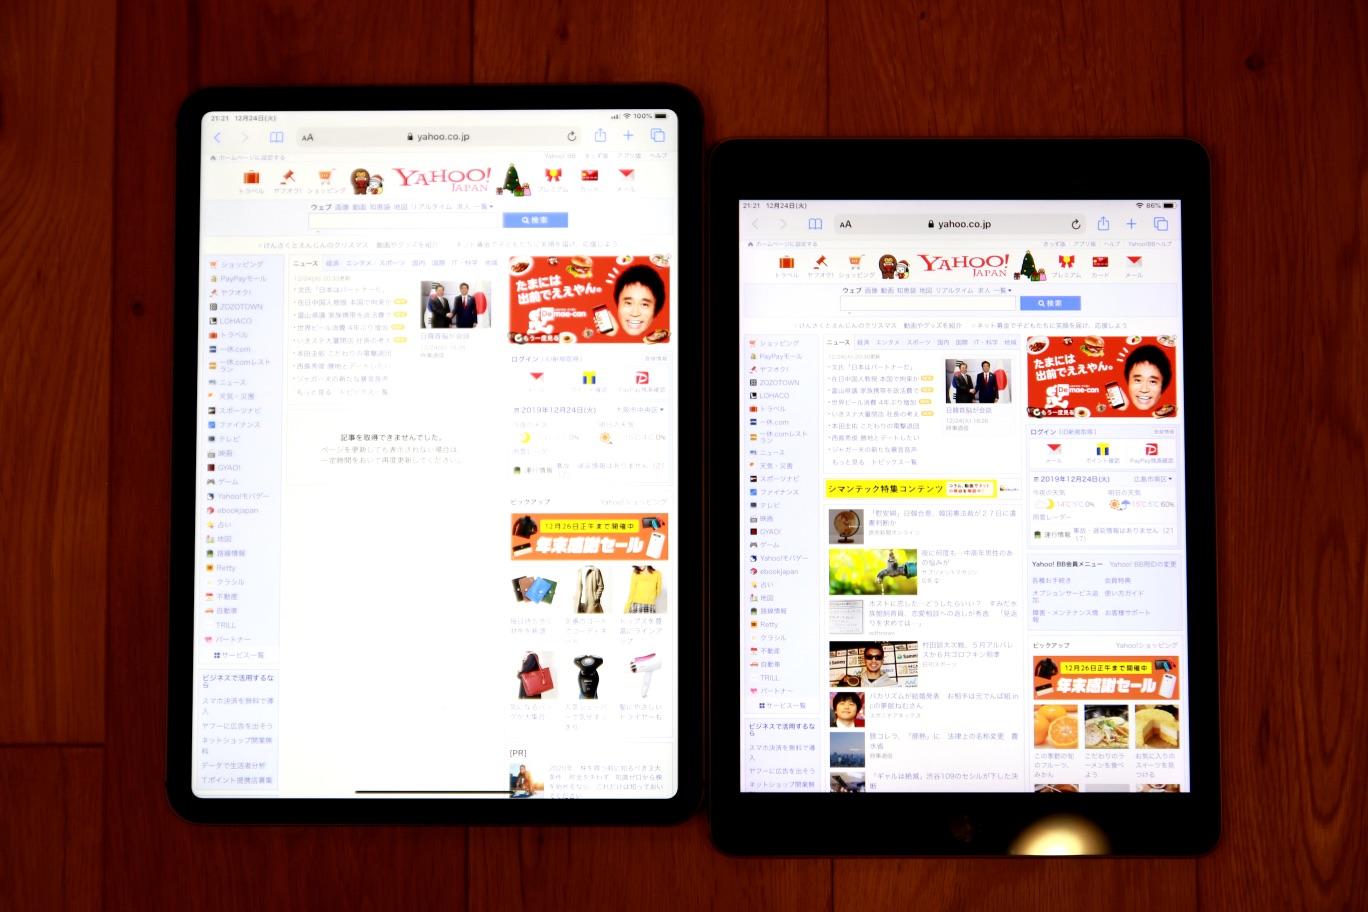 iPadPro11andiPadPro9.7